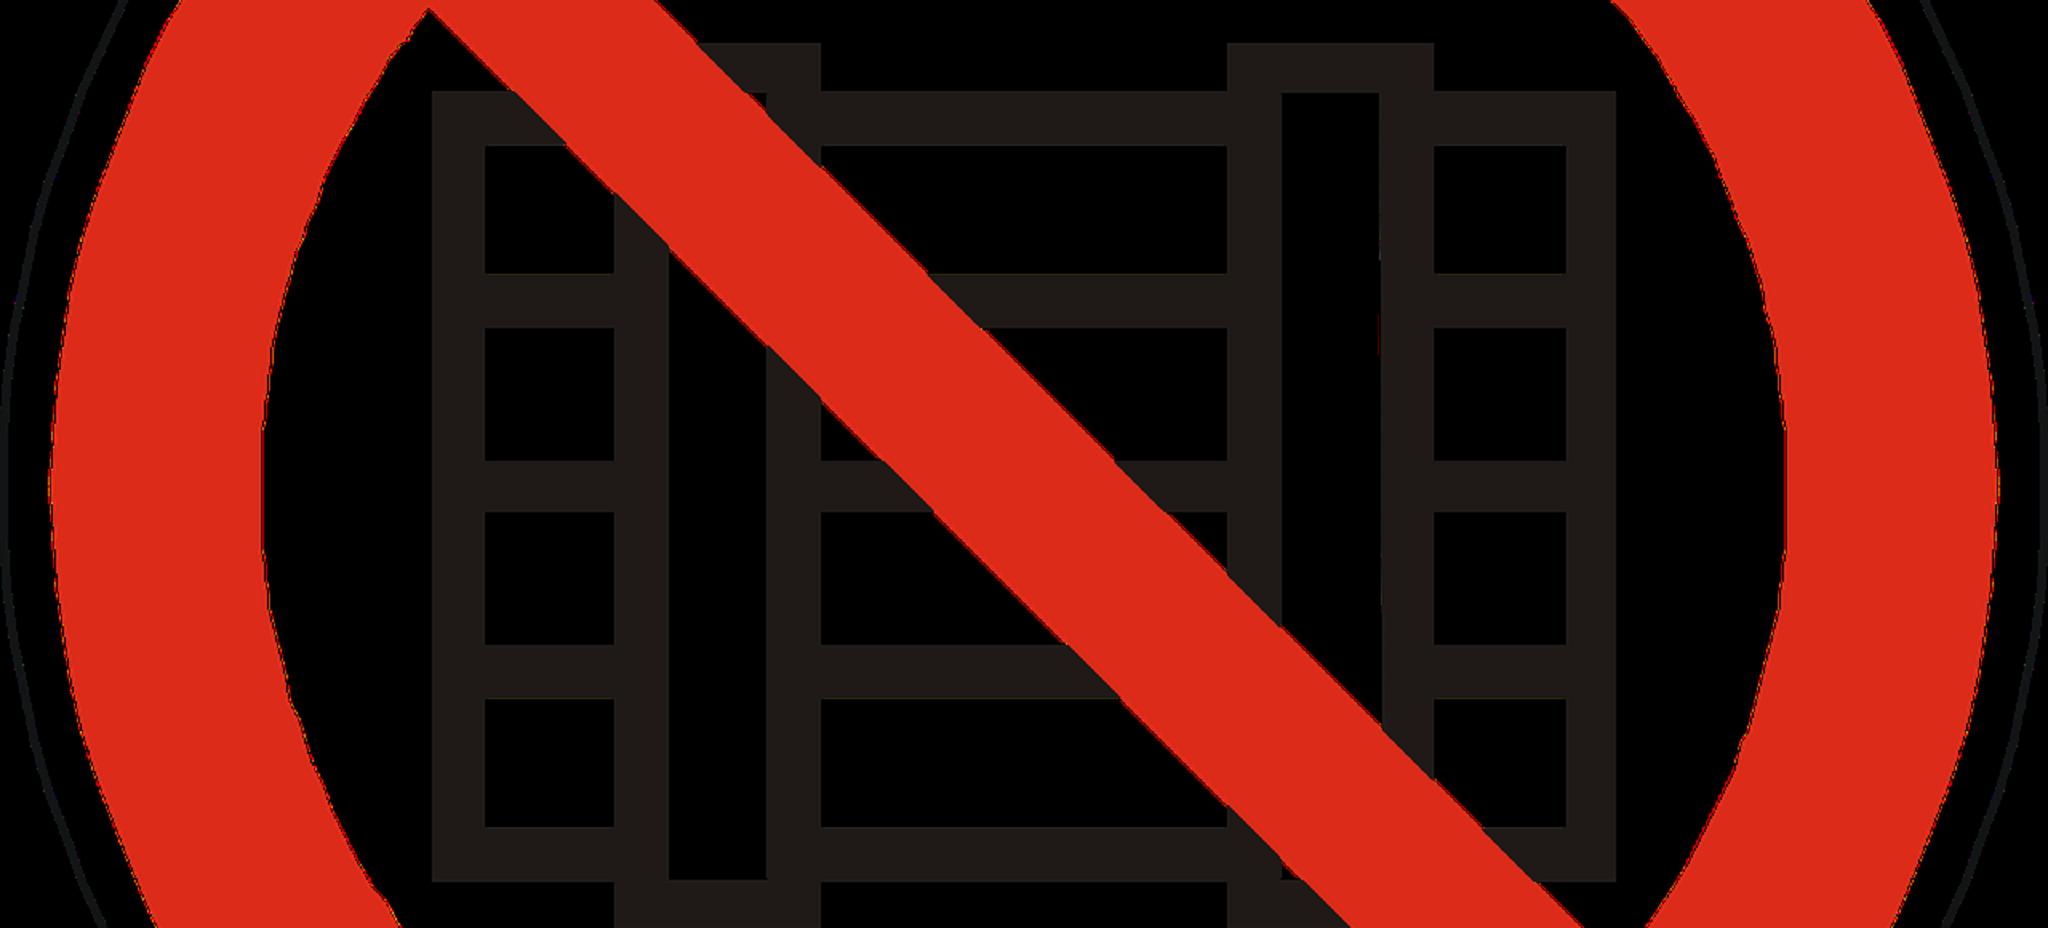 號外!從今天起跨境電商到中國,有些標題字眼你用了最少被罰新台幣100萬